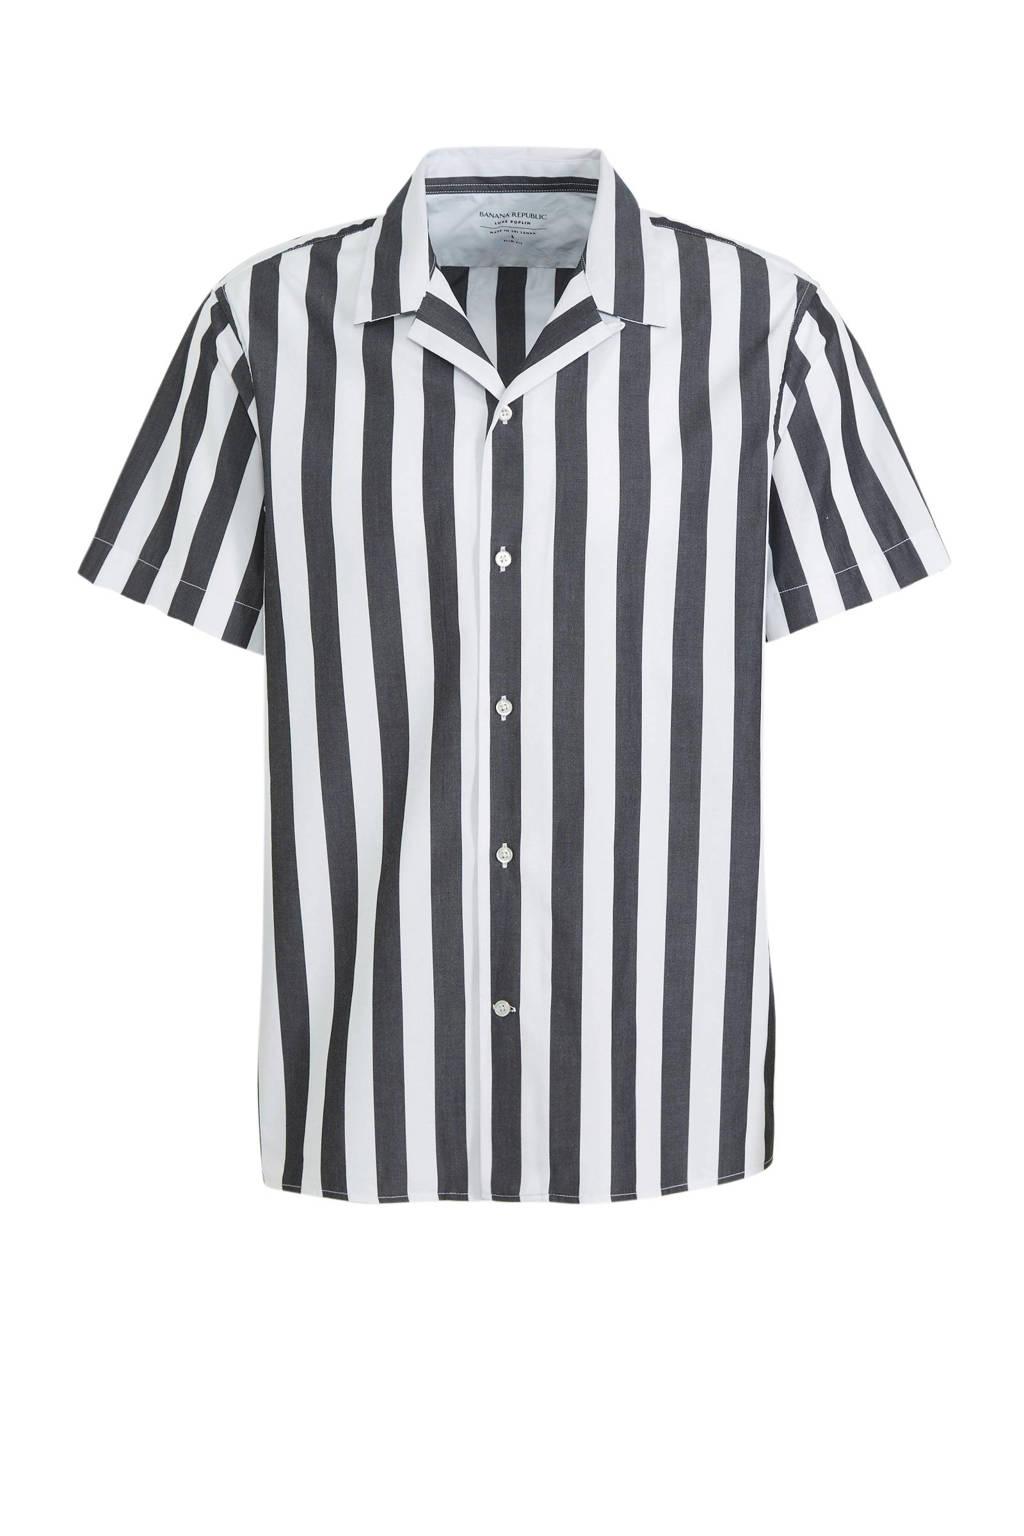 Banana Republic gestreept slim fit overhemd grijs/wit, Grijs/wit